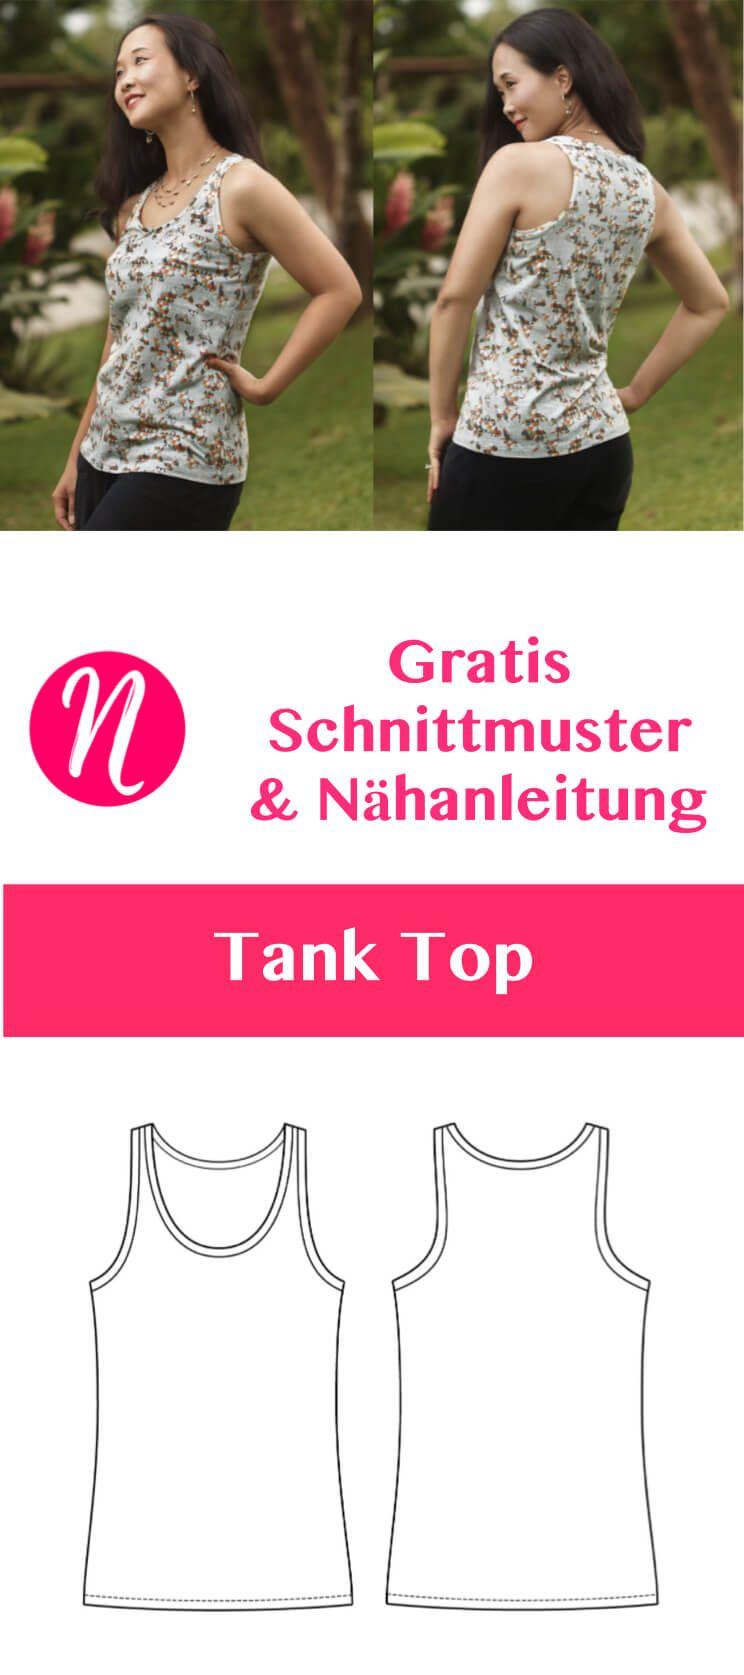 Tank Top für Damen | Szabásminták, Női divat és Kiegészítők